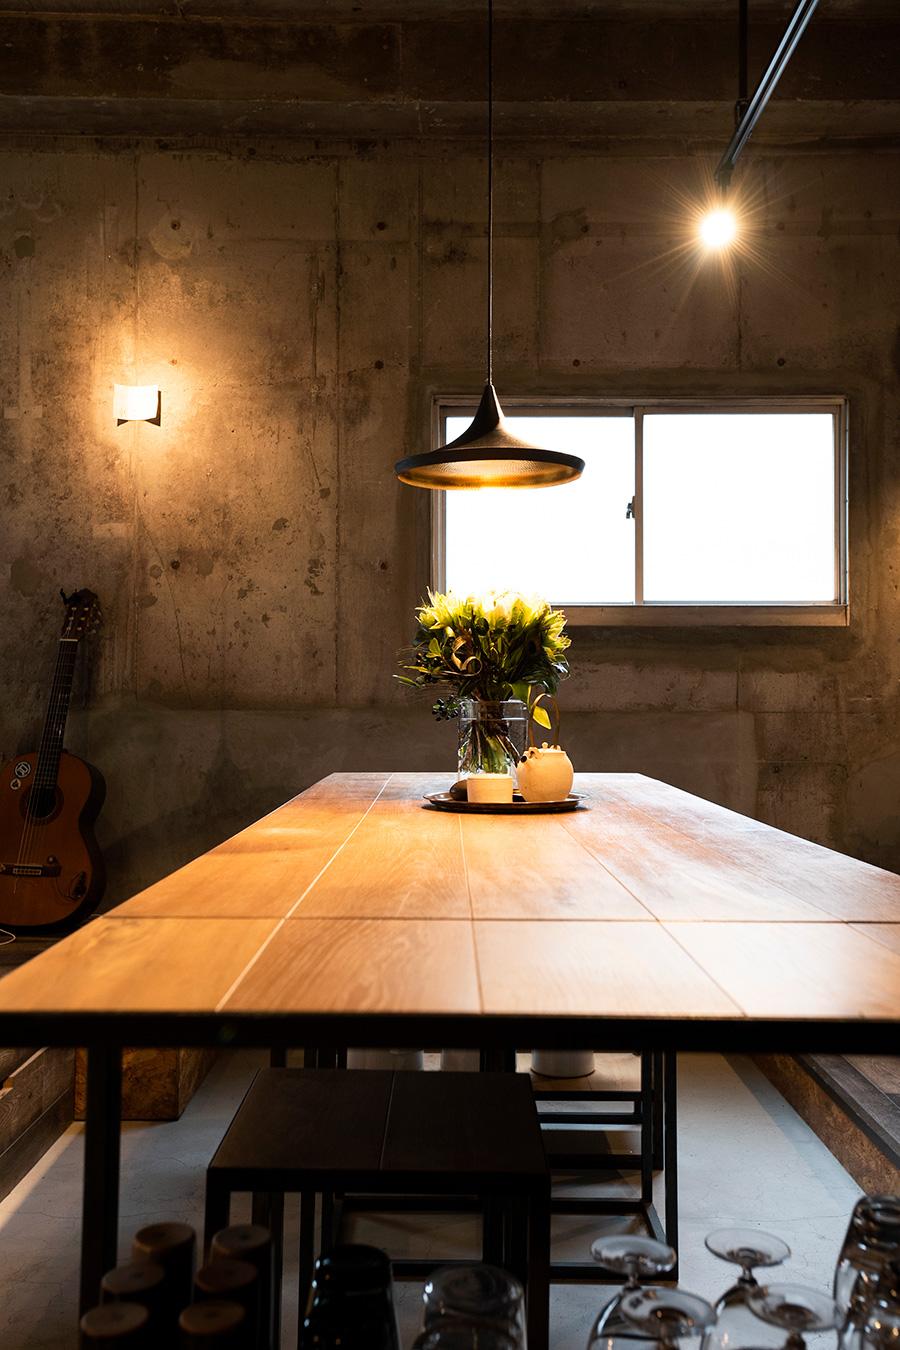 """名古屋の千葉工作所にフレームをオーダーしたダイニングテーブル。""""1枚板だと高価なので自分でフローリング材を張り合わせた""""天板は、味のあるアンティーク系をセレクト。"""